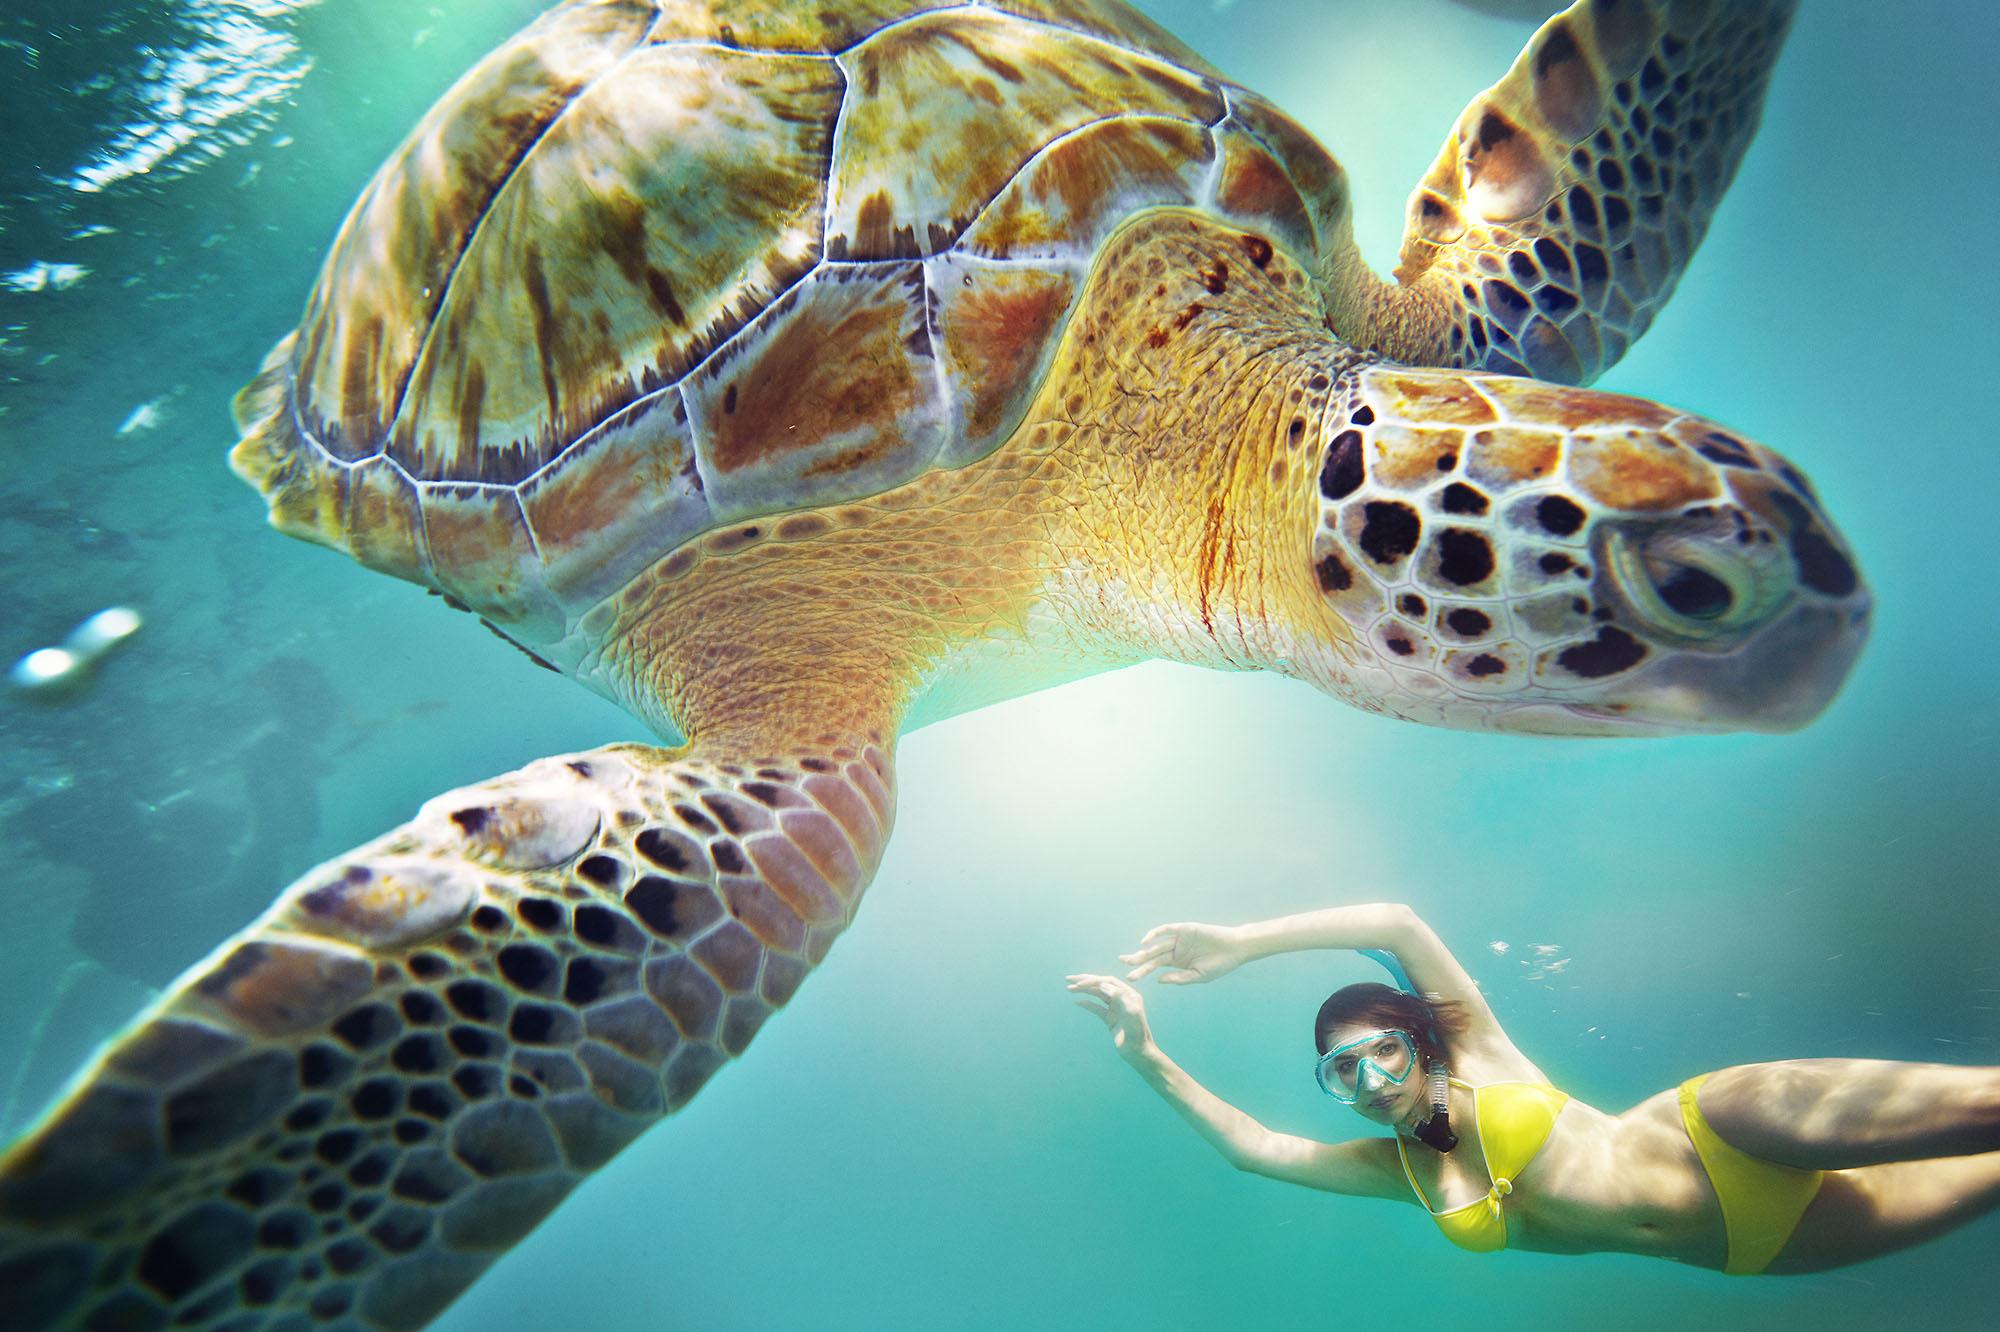 Karan Kapoor swimming with turtle